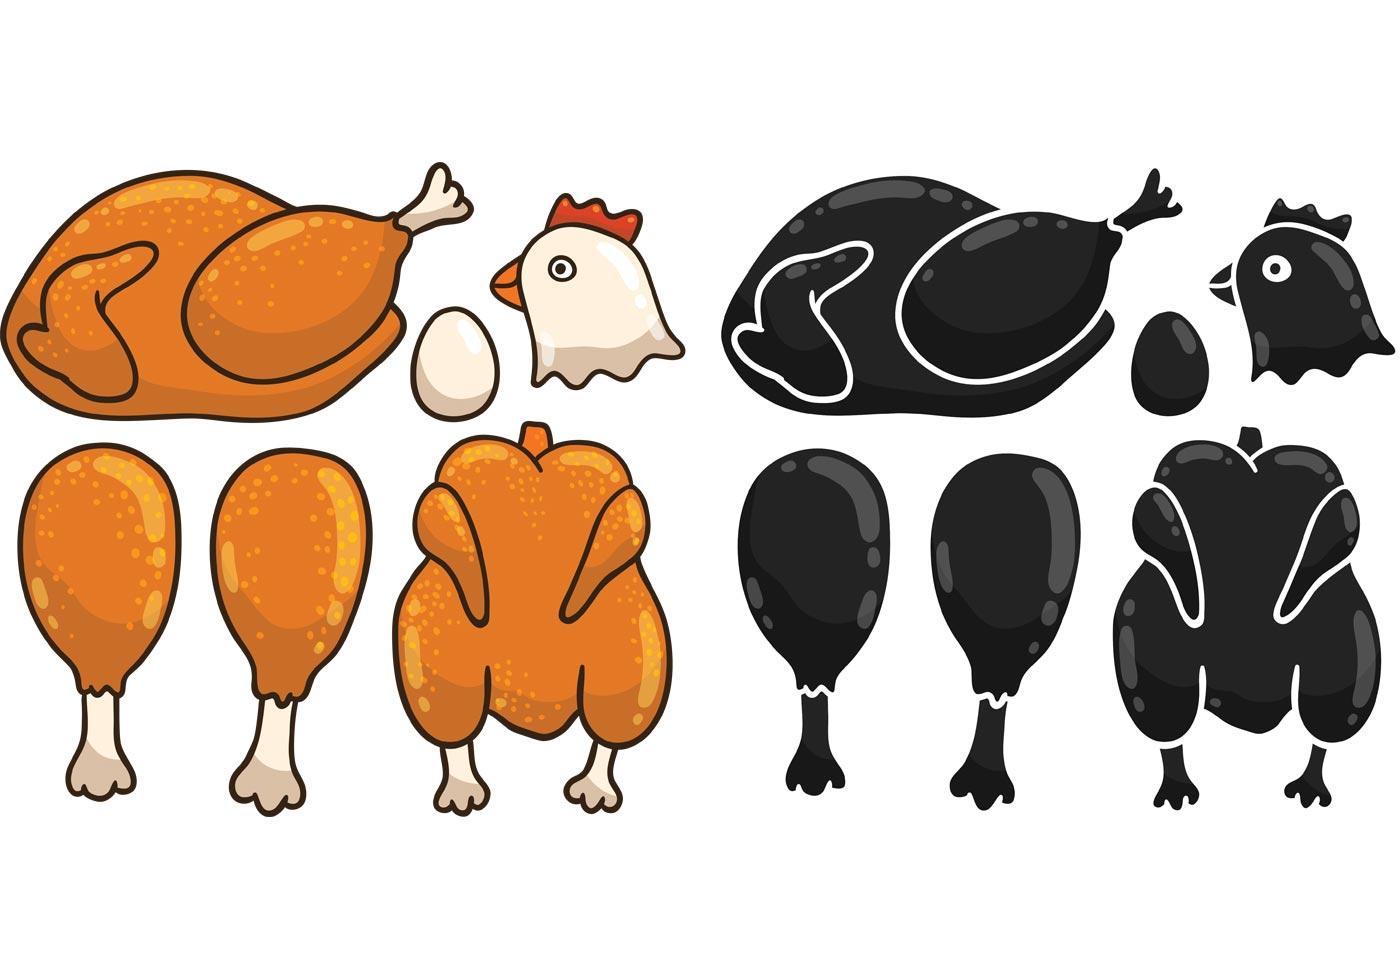 cartoon chicken vectors download free vector art stock